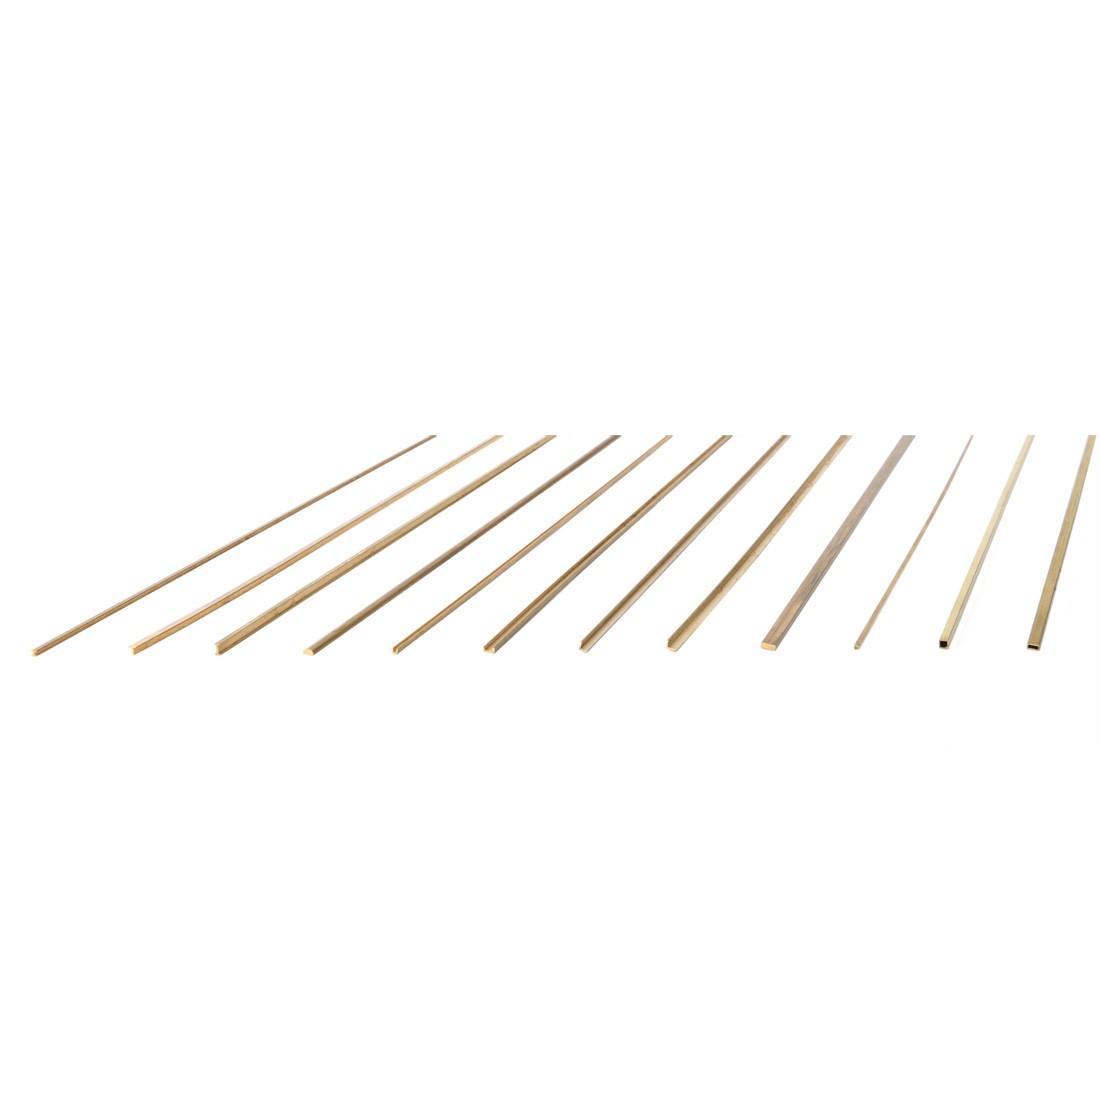 Micro profils laiton 3x3x500